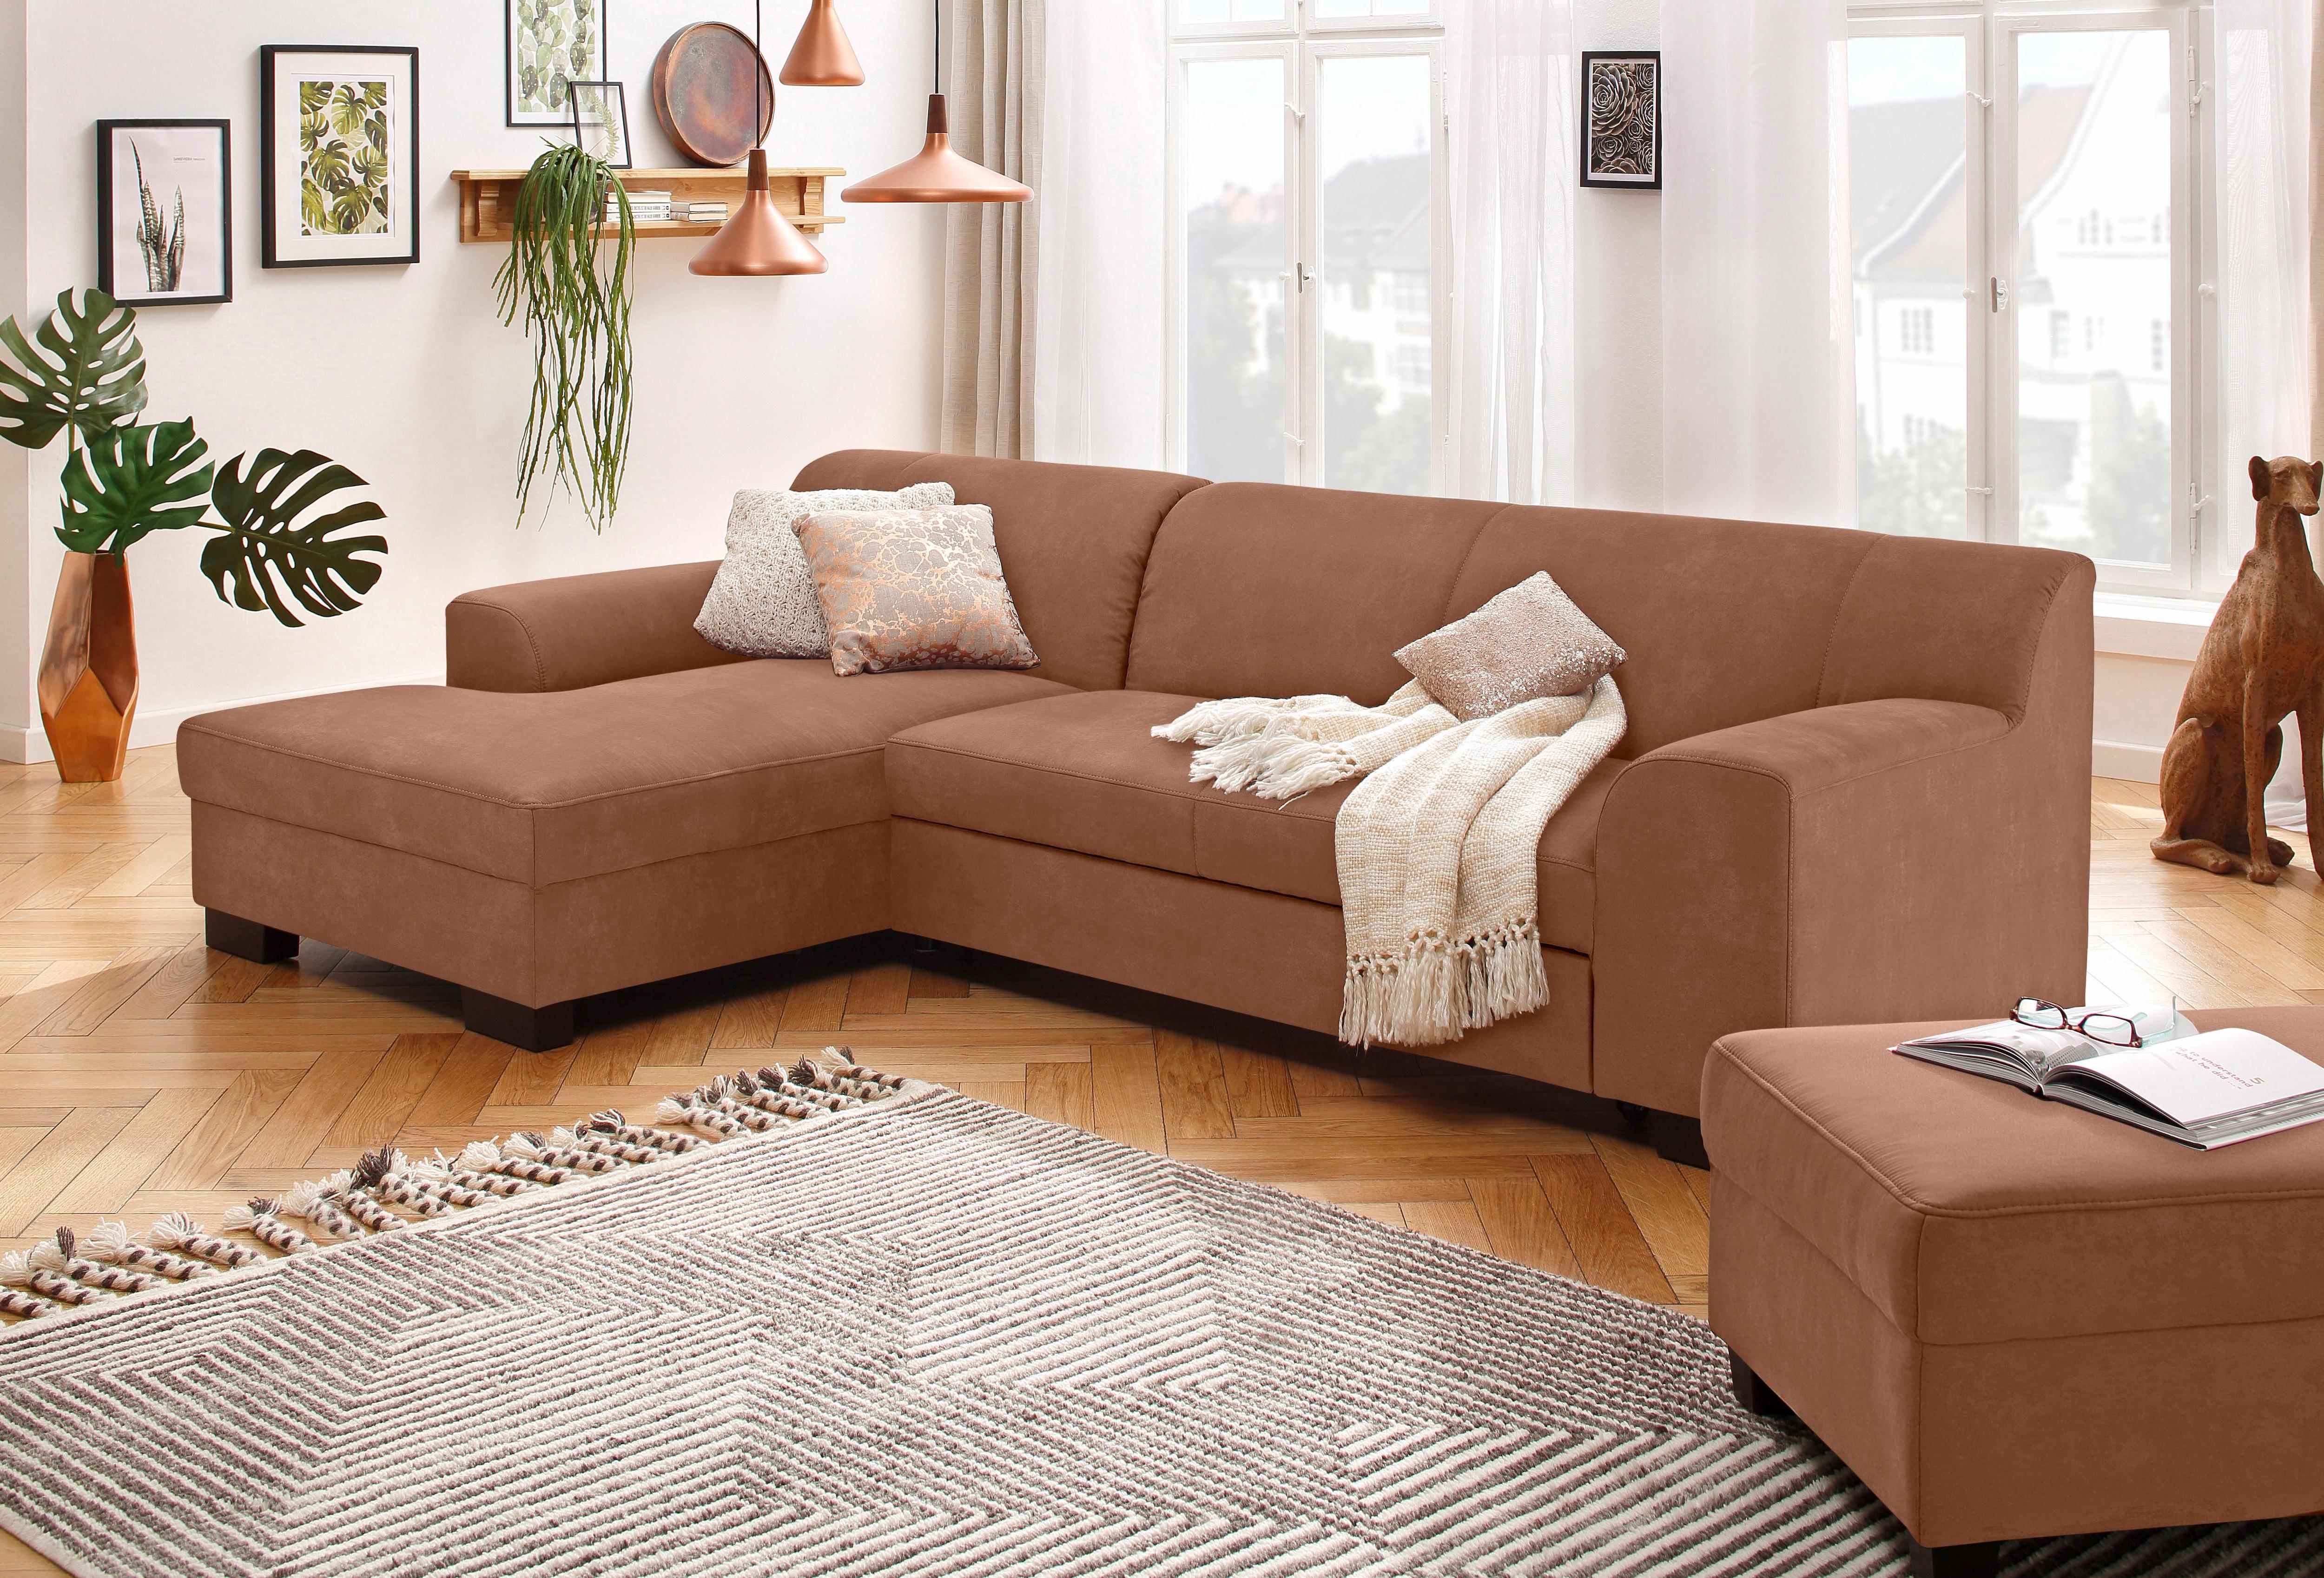 Home affaire Ecksofa »Wanda«, wahlweise mit Bettfunktion in 4 Bezugsarten   Wohnzimmer > Sofas & Couches > Ecksofas & Eckcouches   Microfaser - Chenille - Stoff   HOME AFFAIRE